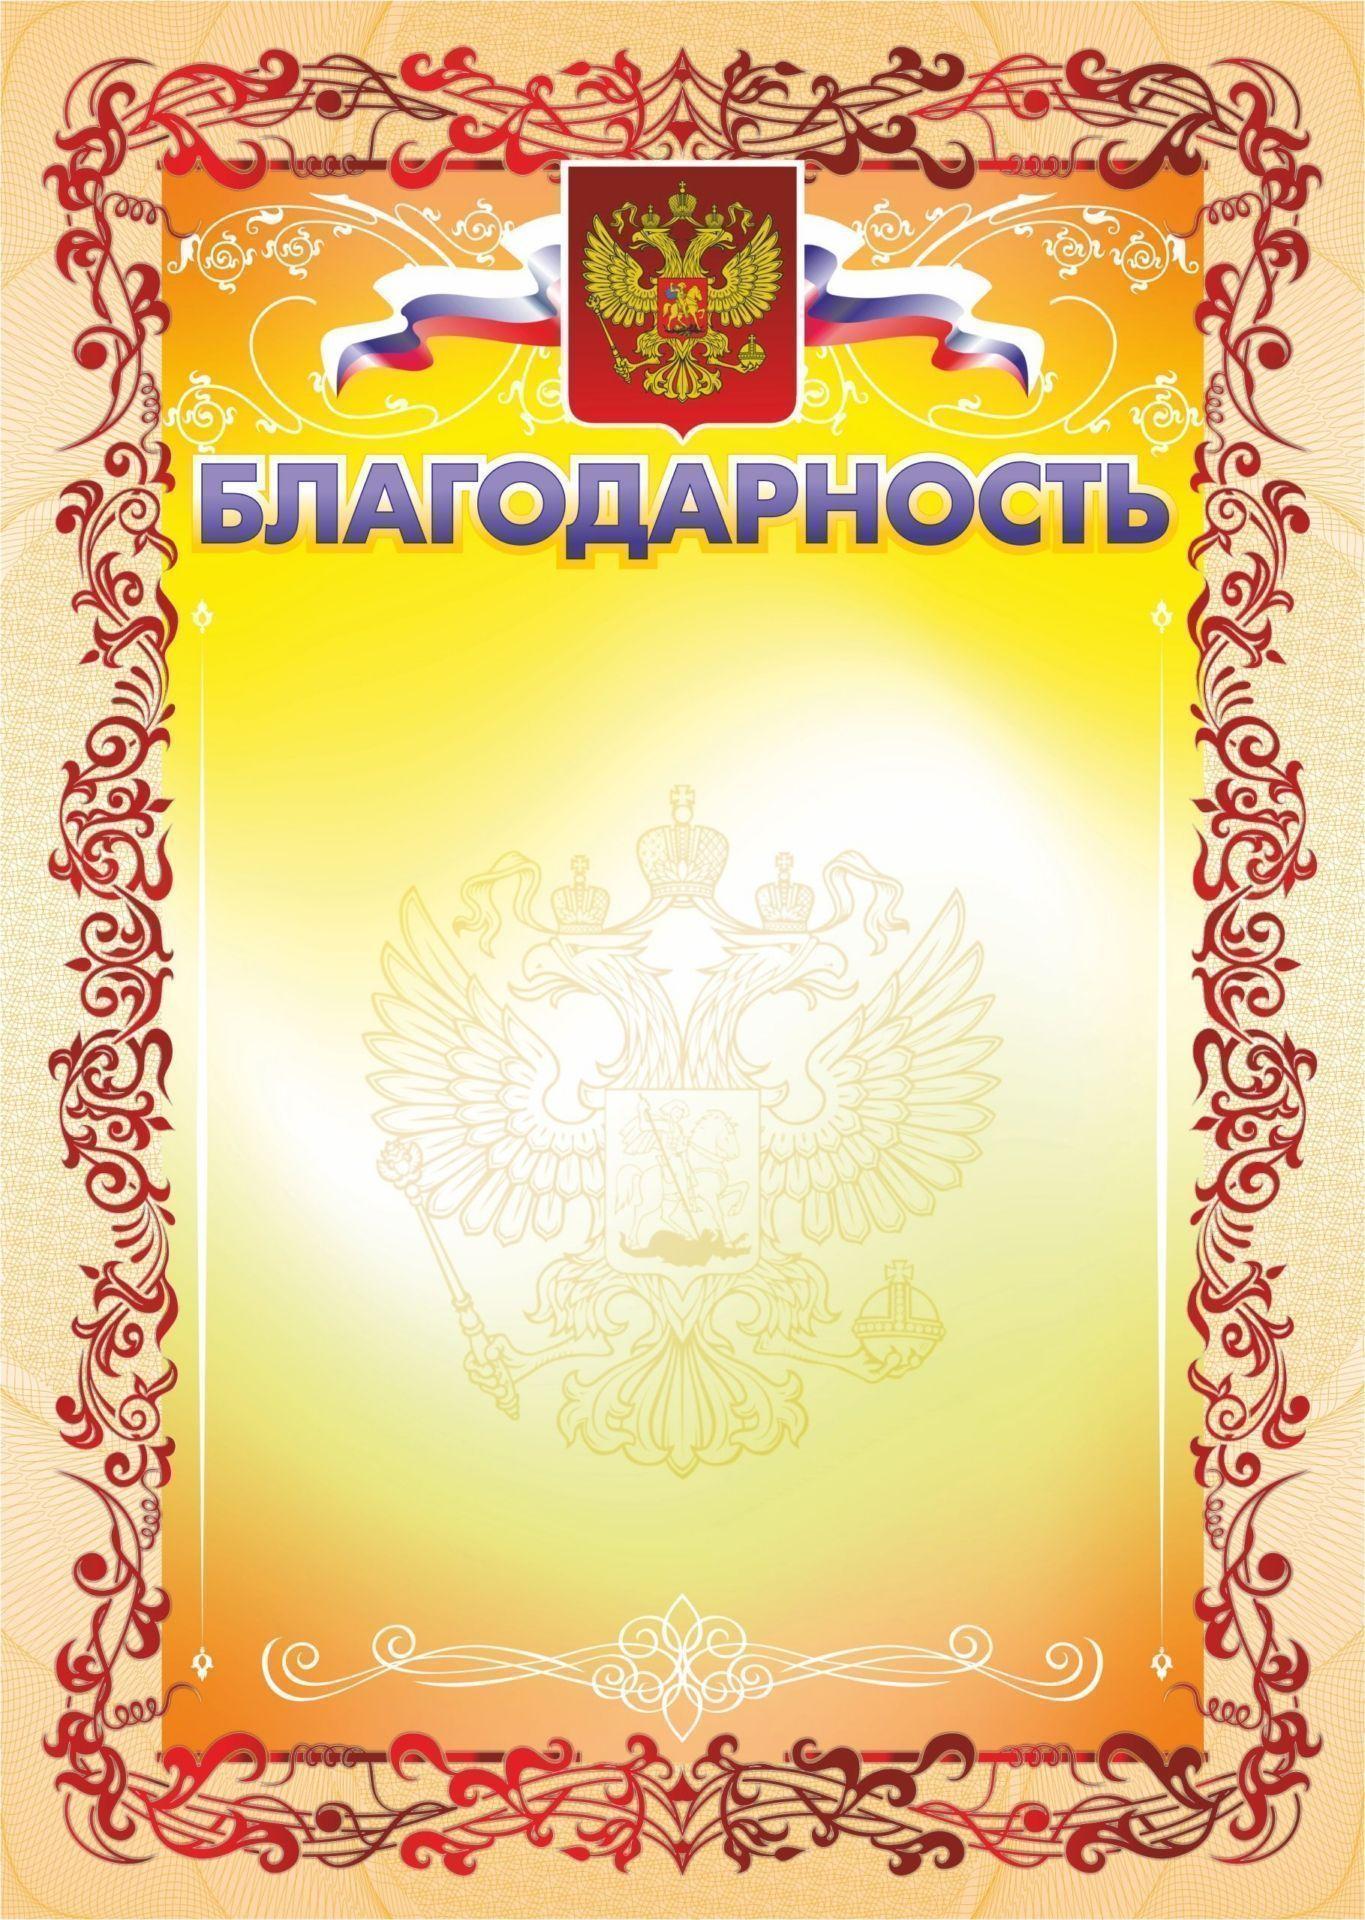 Благодарность (с гербом и флагом)